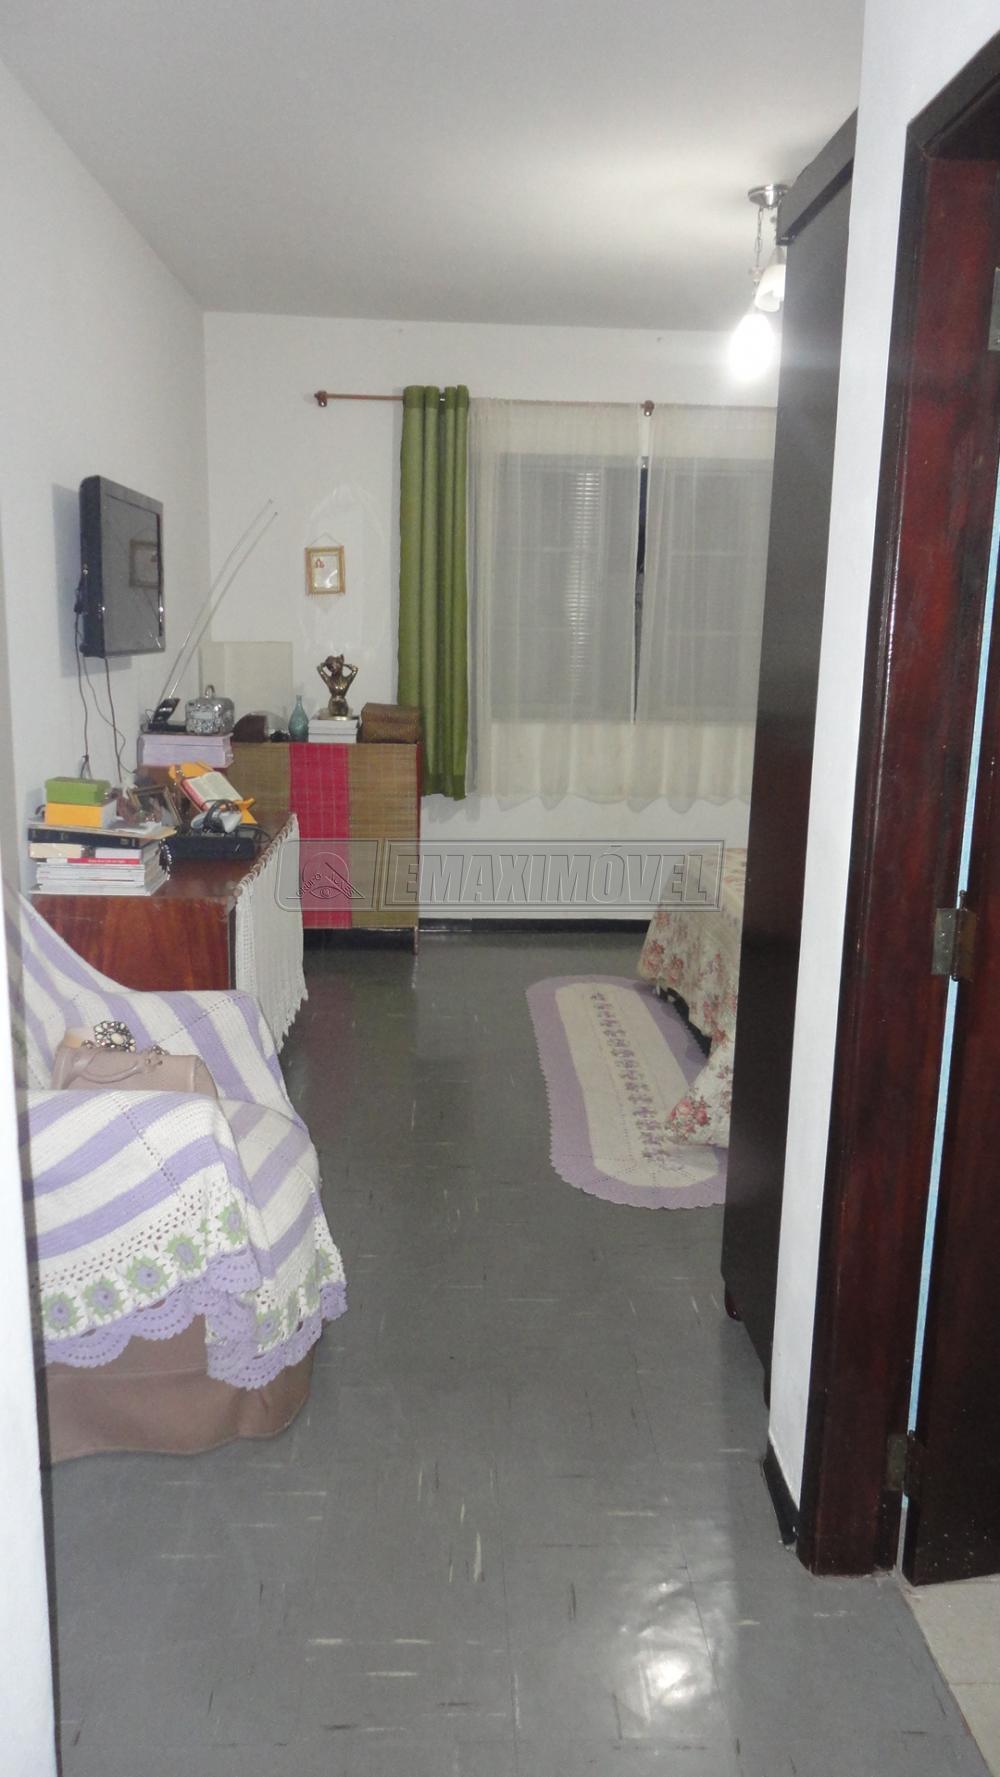 Comprar Casas / em Bairros em Sorocaba apenas R$ 580.000,00 - Foto 7